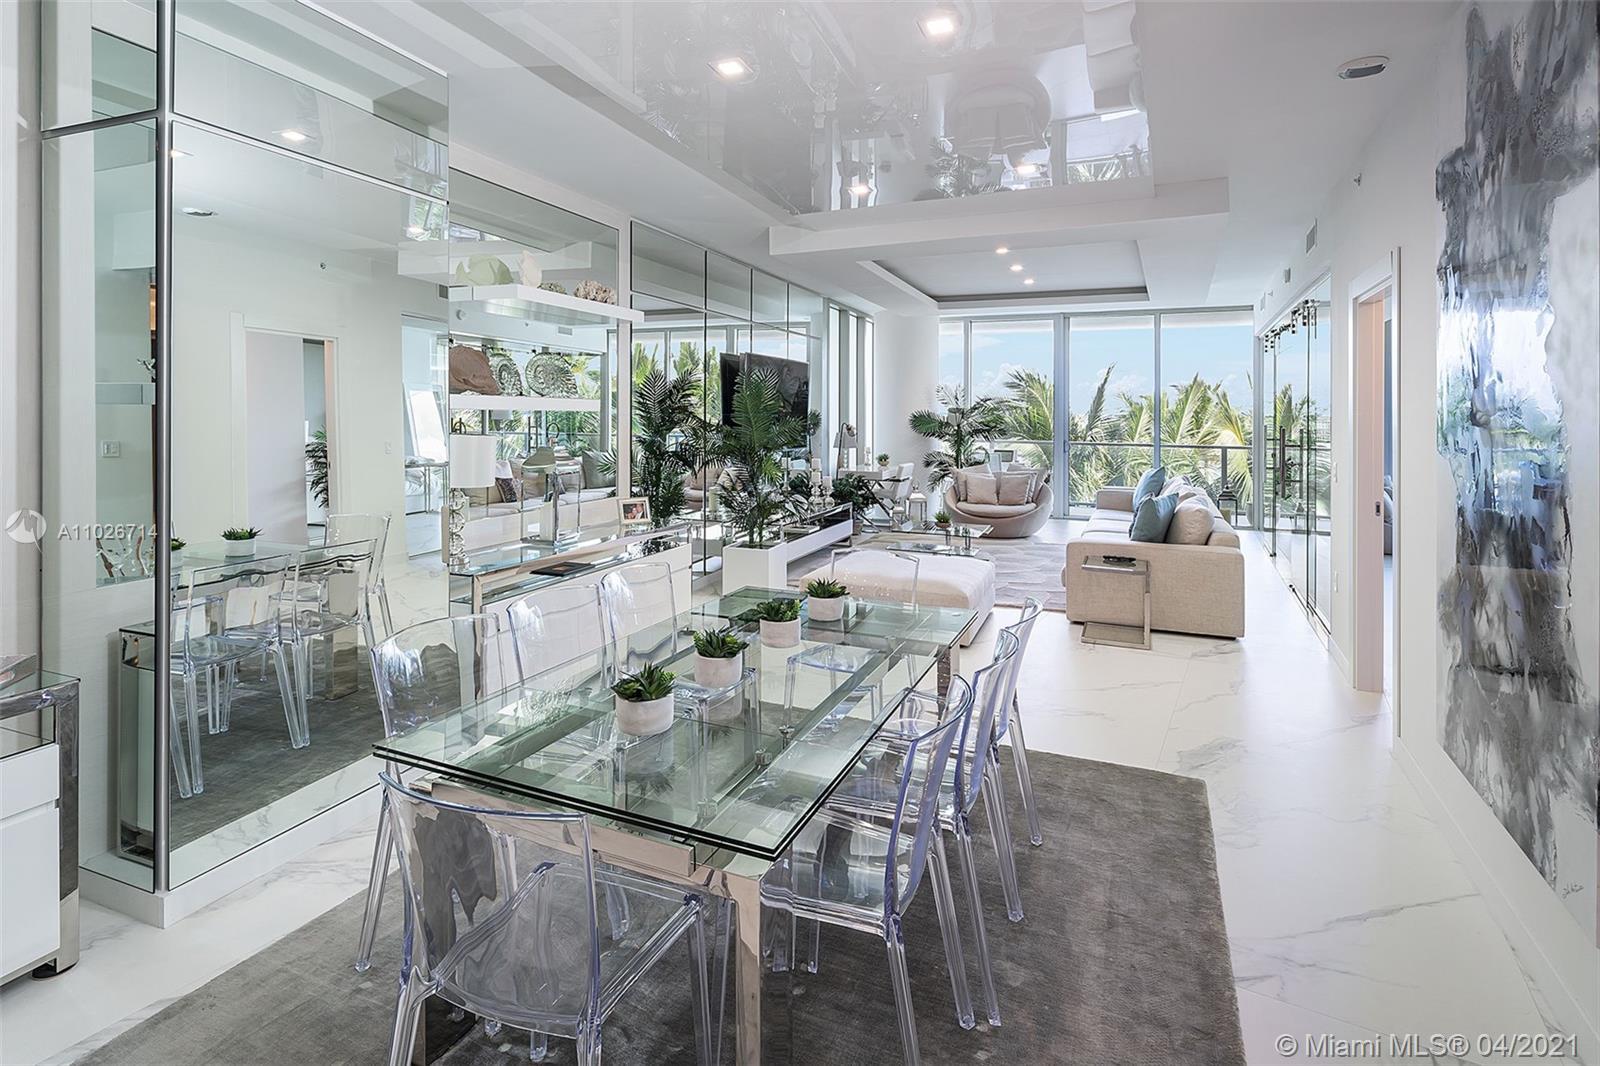 Аренда квартиры по адресу 2200 Ocean Blvd, Fort Lauderdale, FL 33305 в США